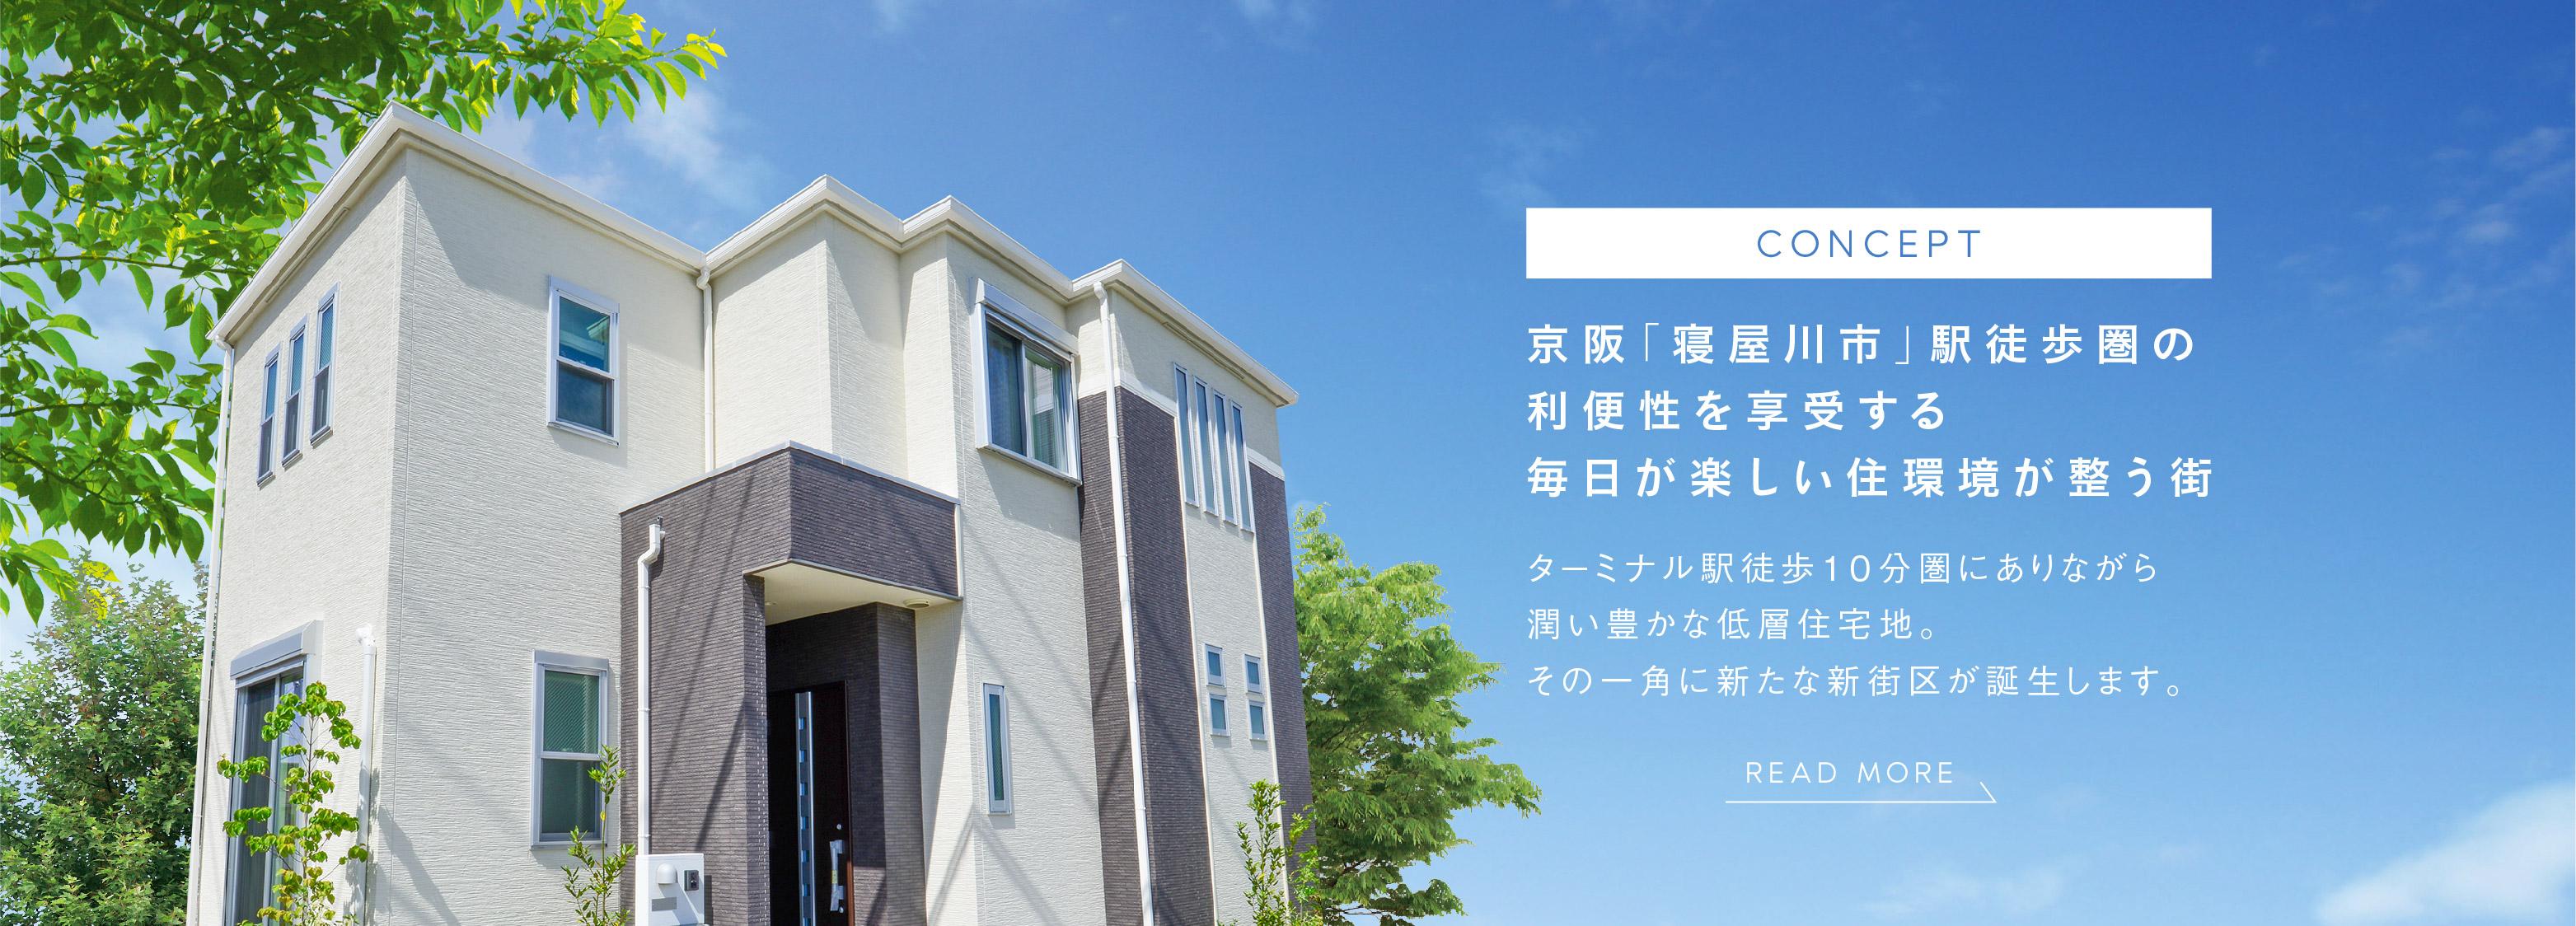 【プレミアムシーズン寝屋川幸町】コンセプト